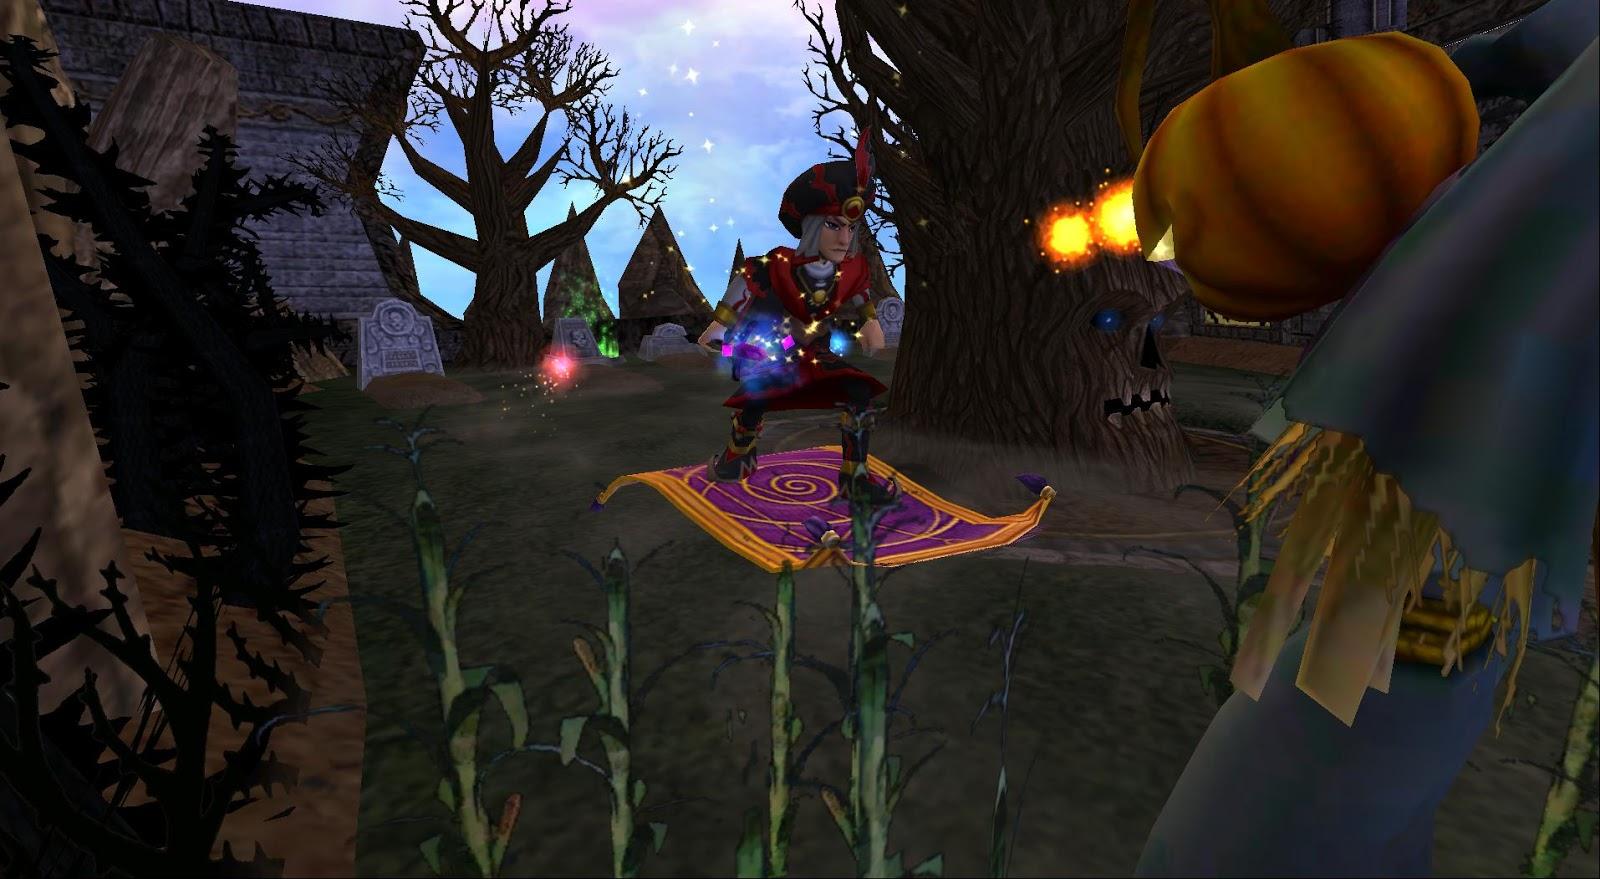 Around the Spiral with Edward Lifegem: Wizard101: Halloween Run Help